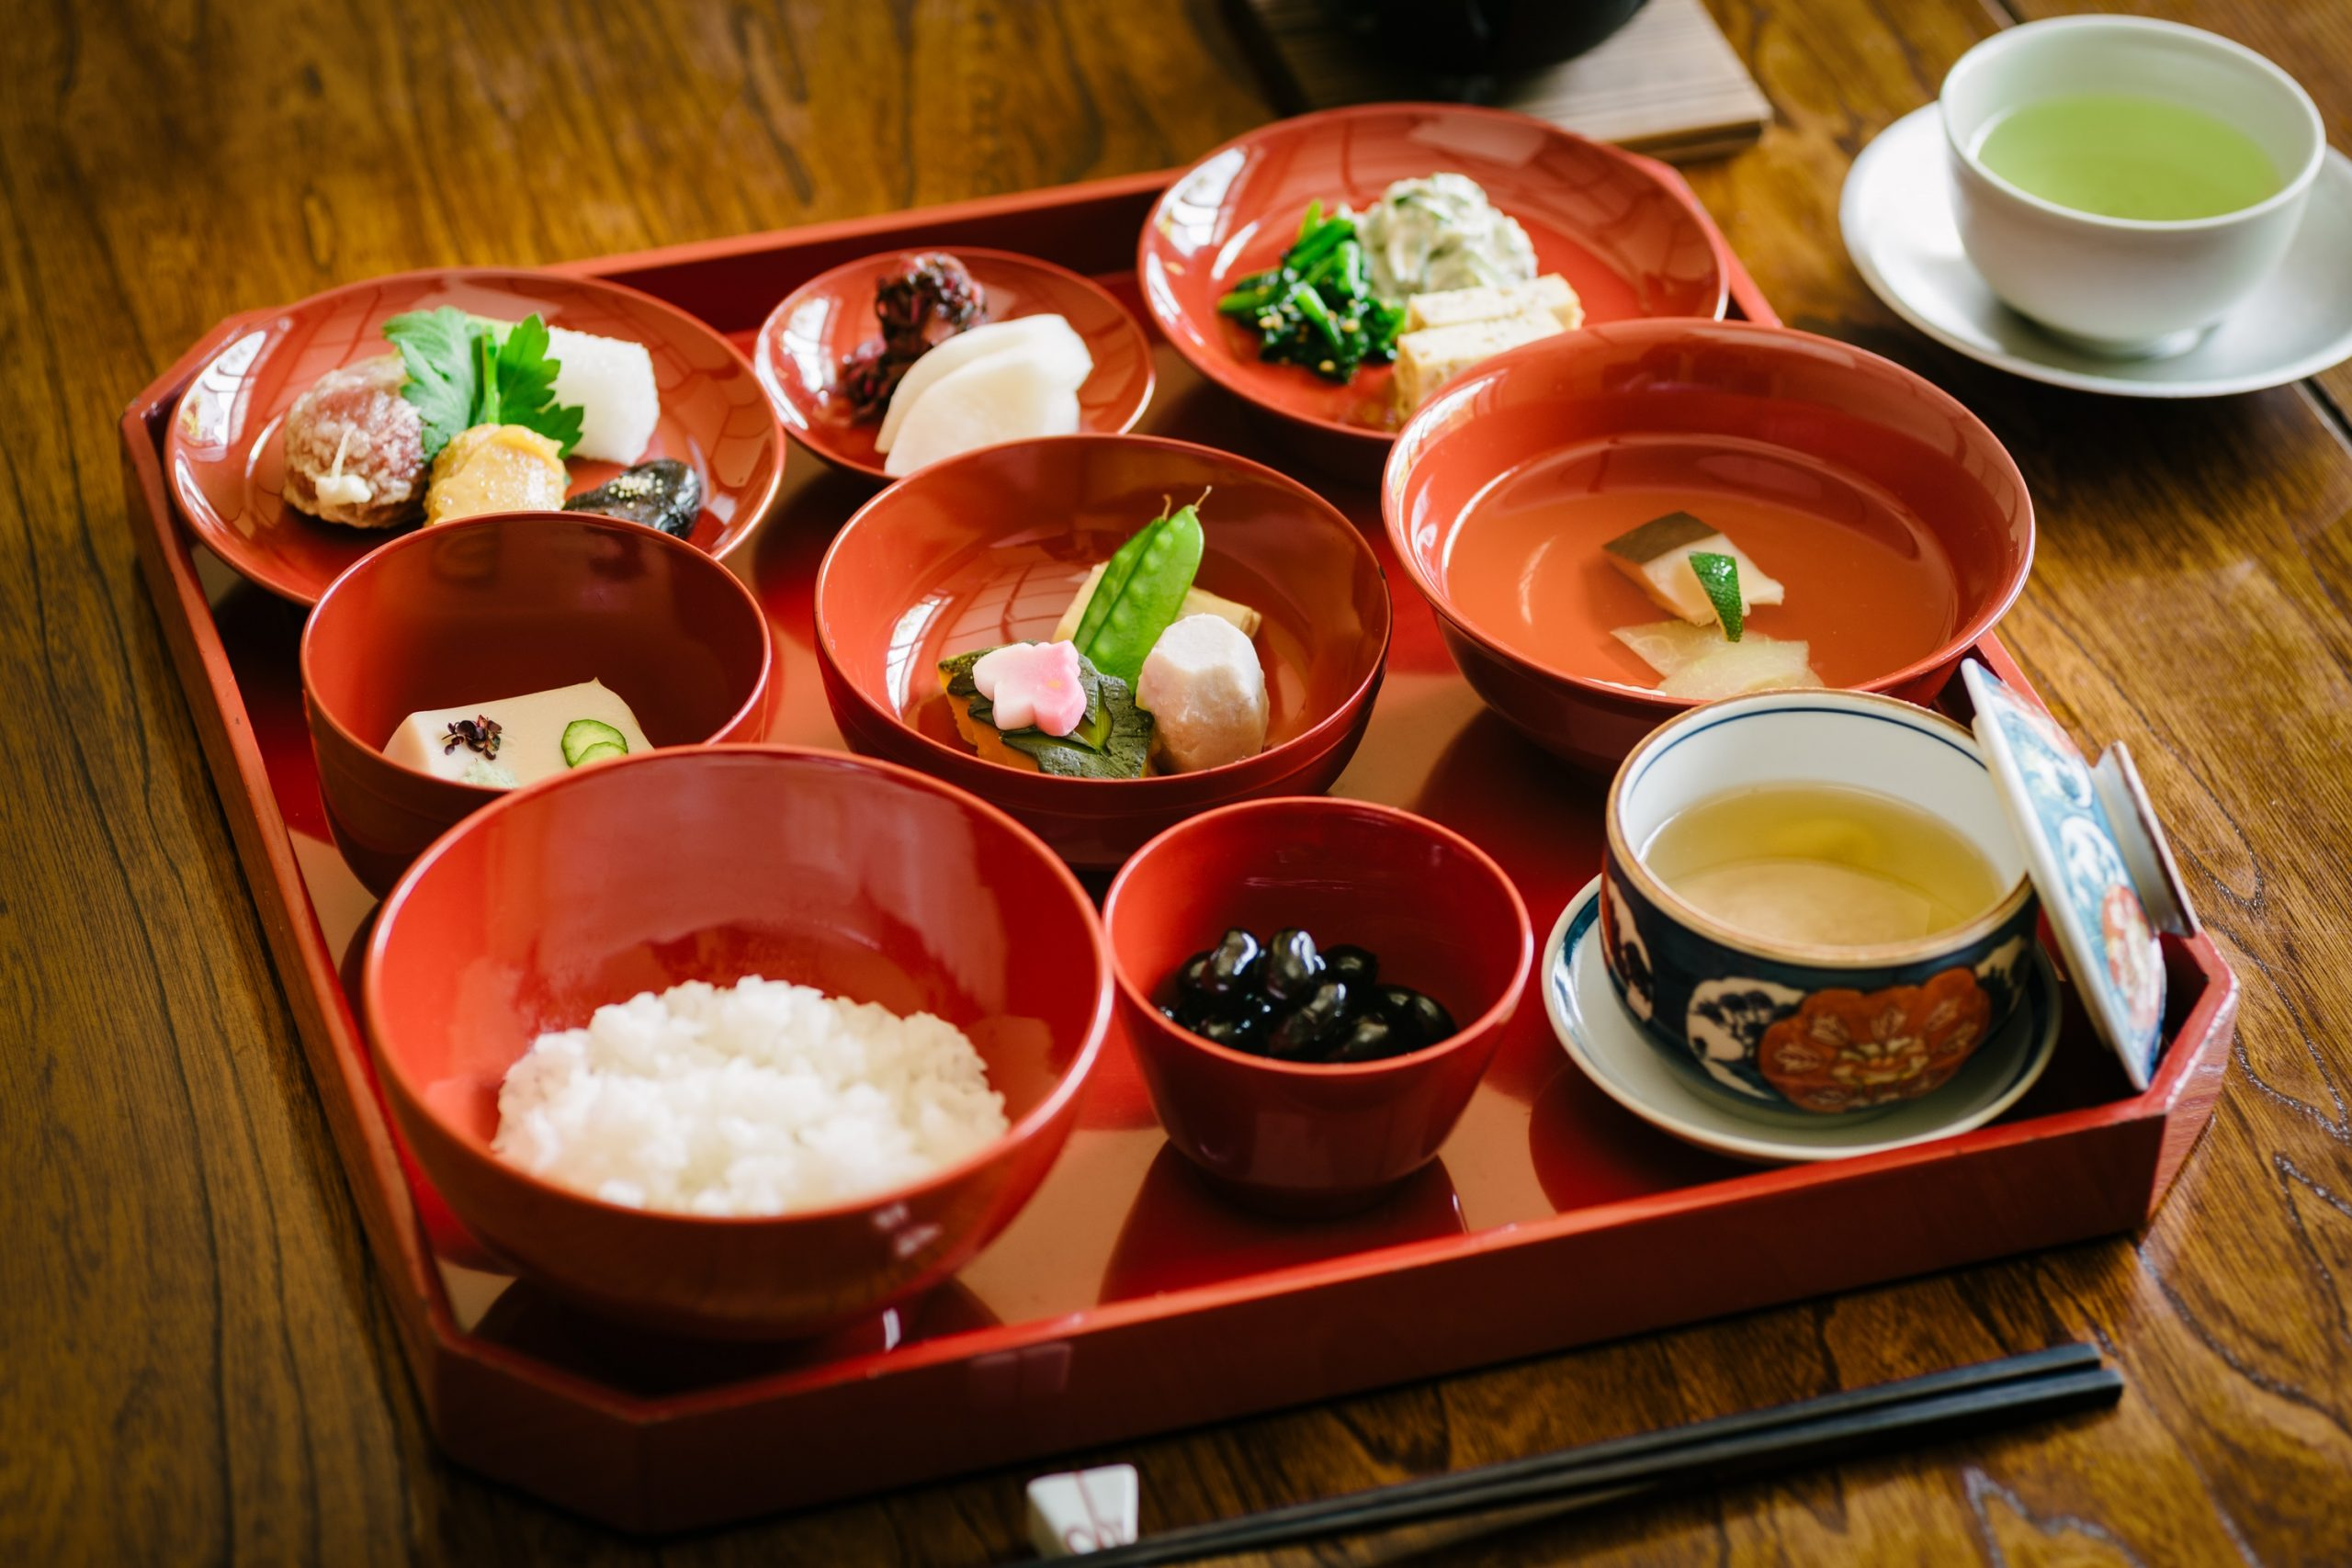 京の老舗「泉仙」仕出しの精進朝食:3,300円(税込)をオプションでご用意できる。